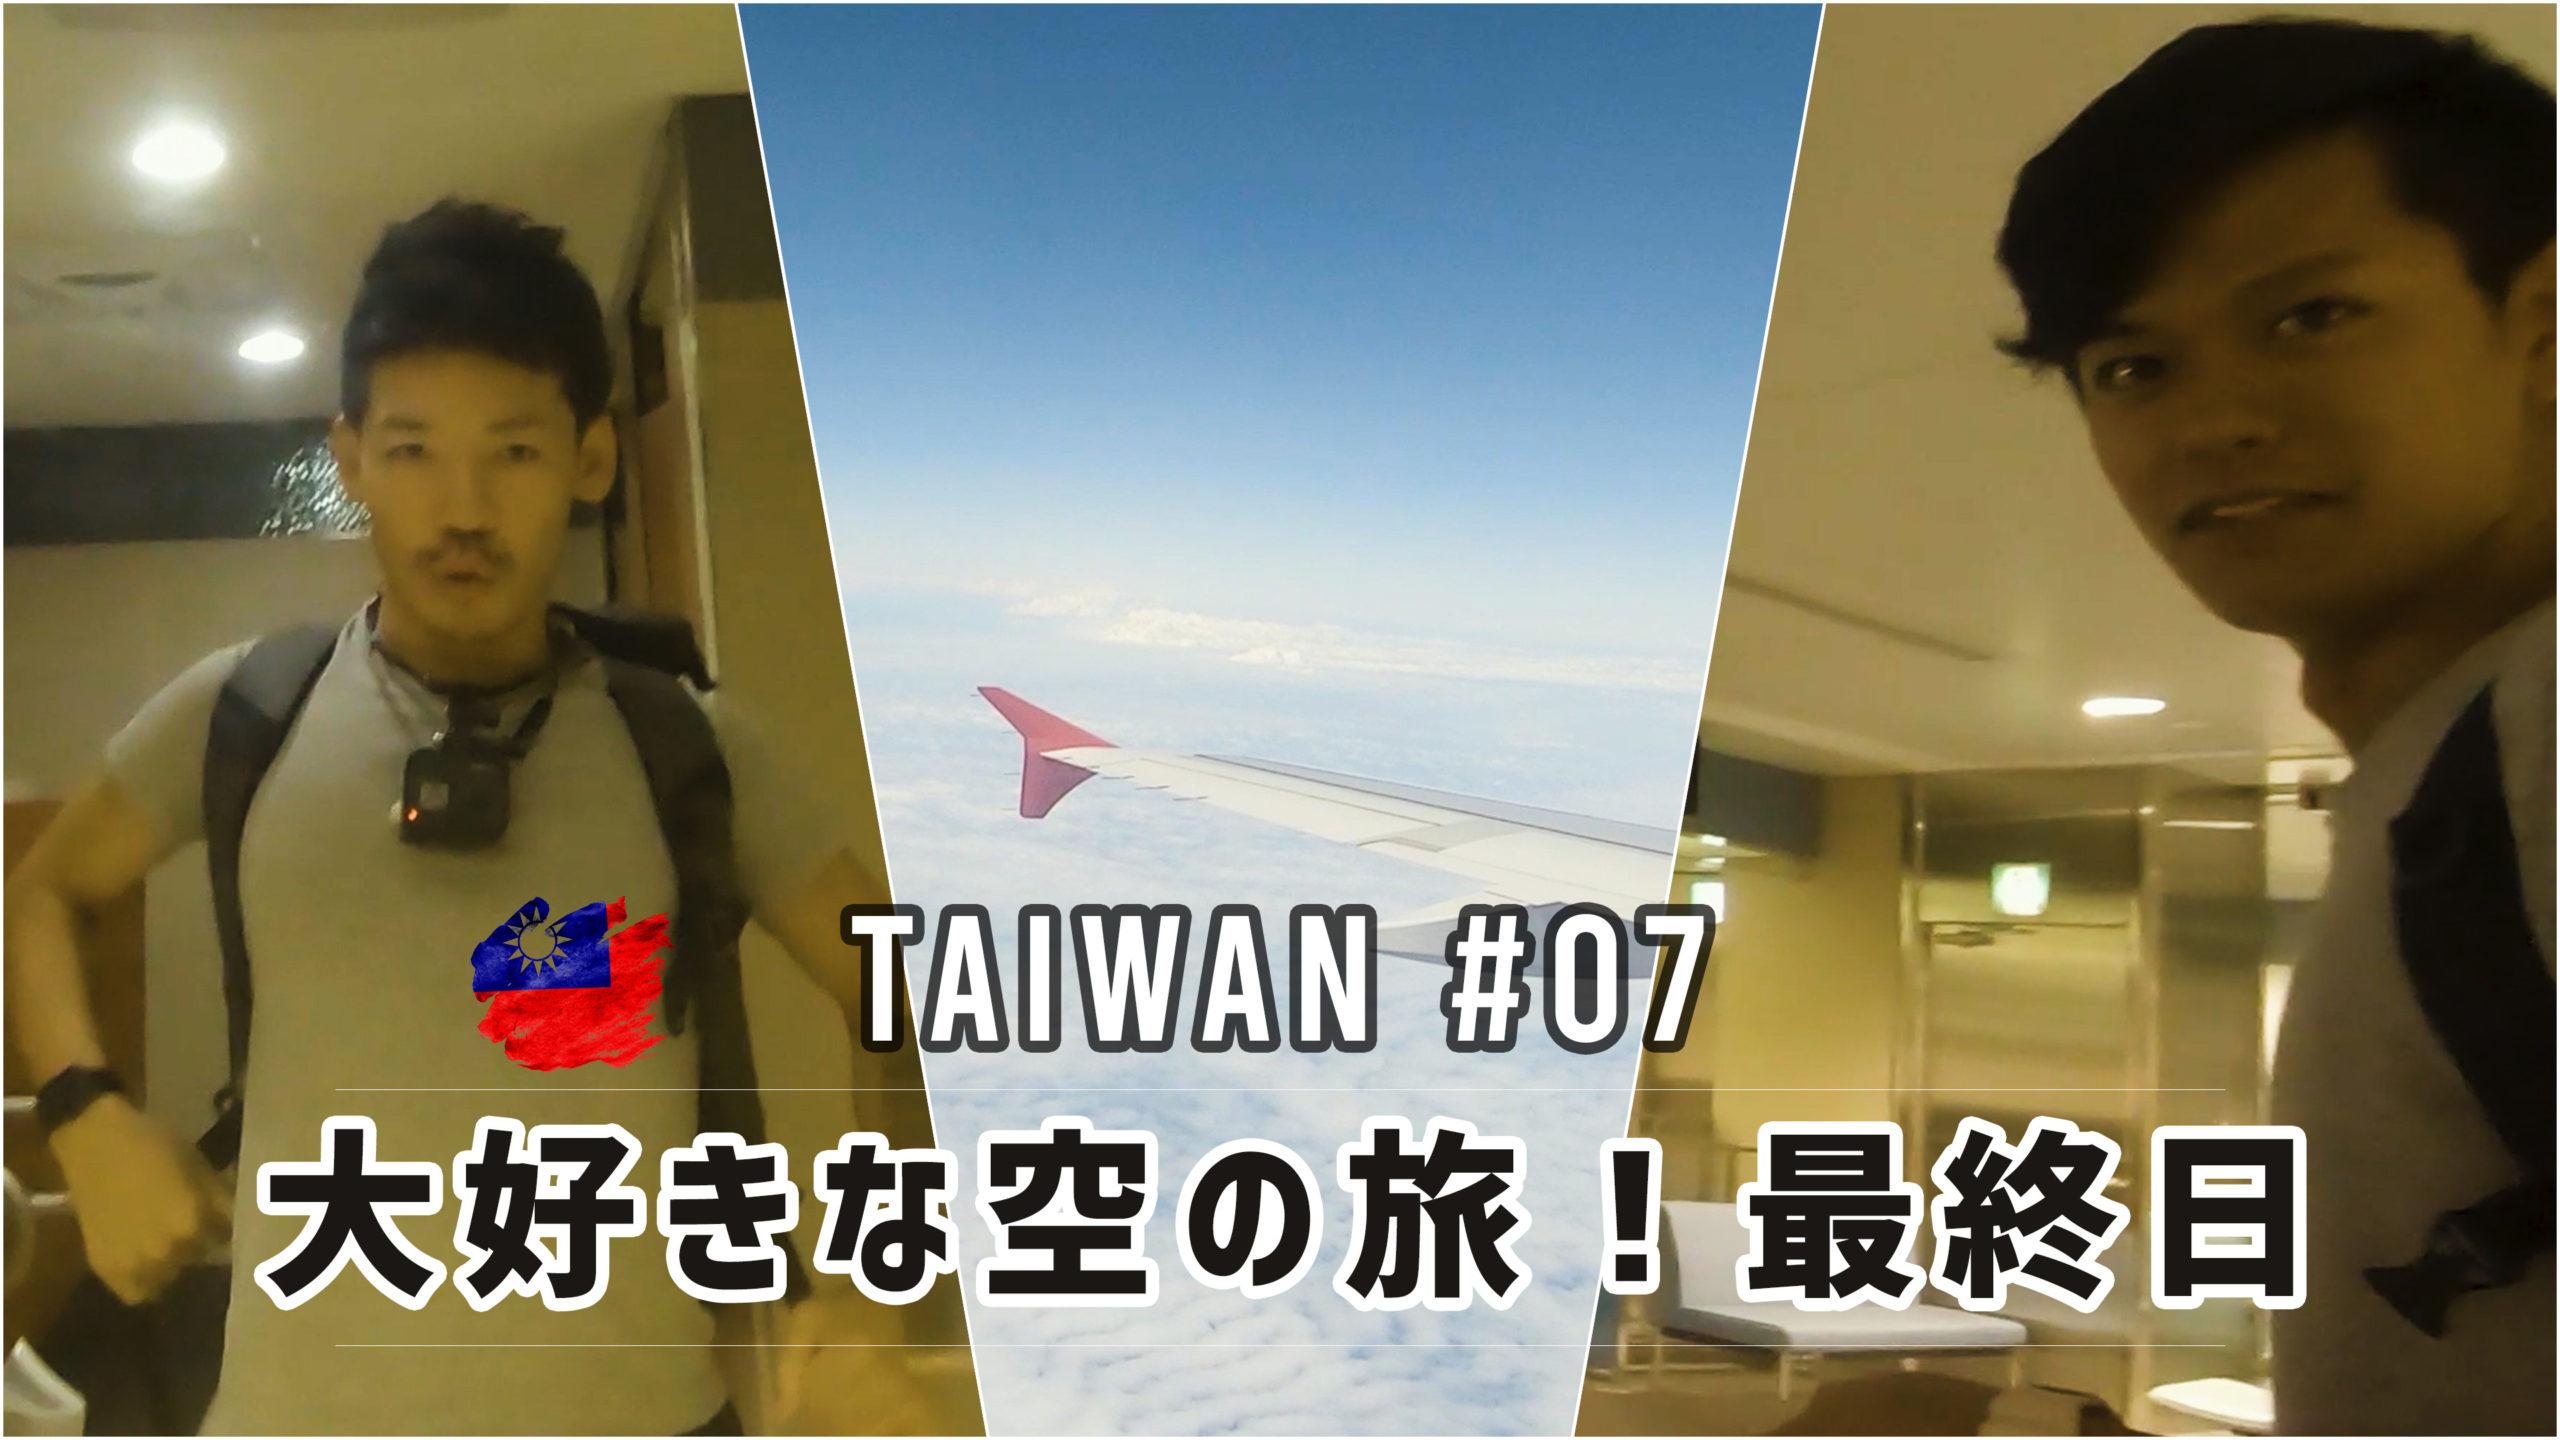 大好きな空の旅!最終日 台湾桃園国際空港から仙台空港 台湾旅行 #07 – Travel day vlog #18n